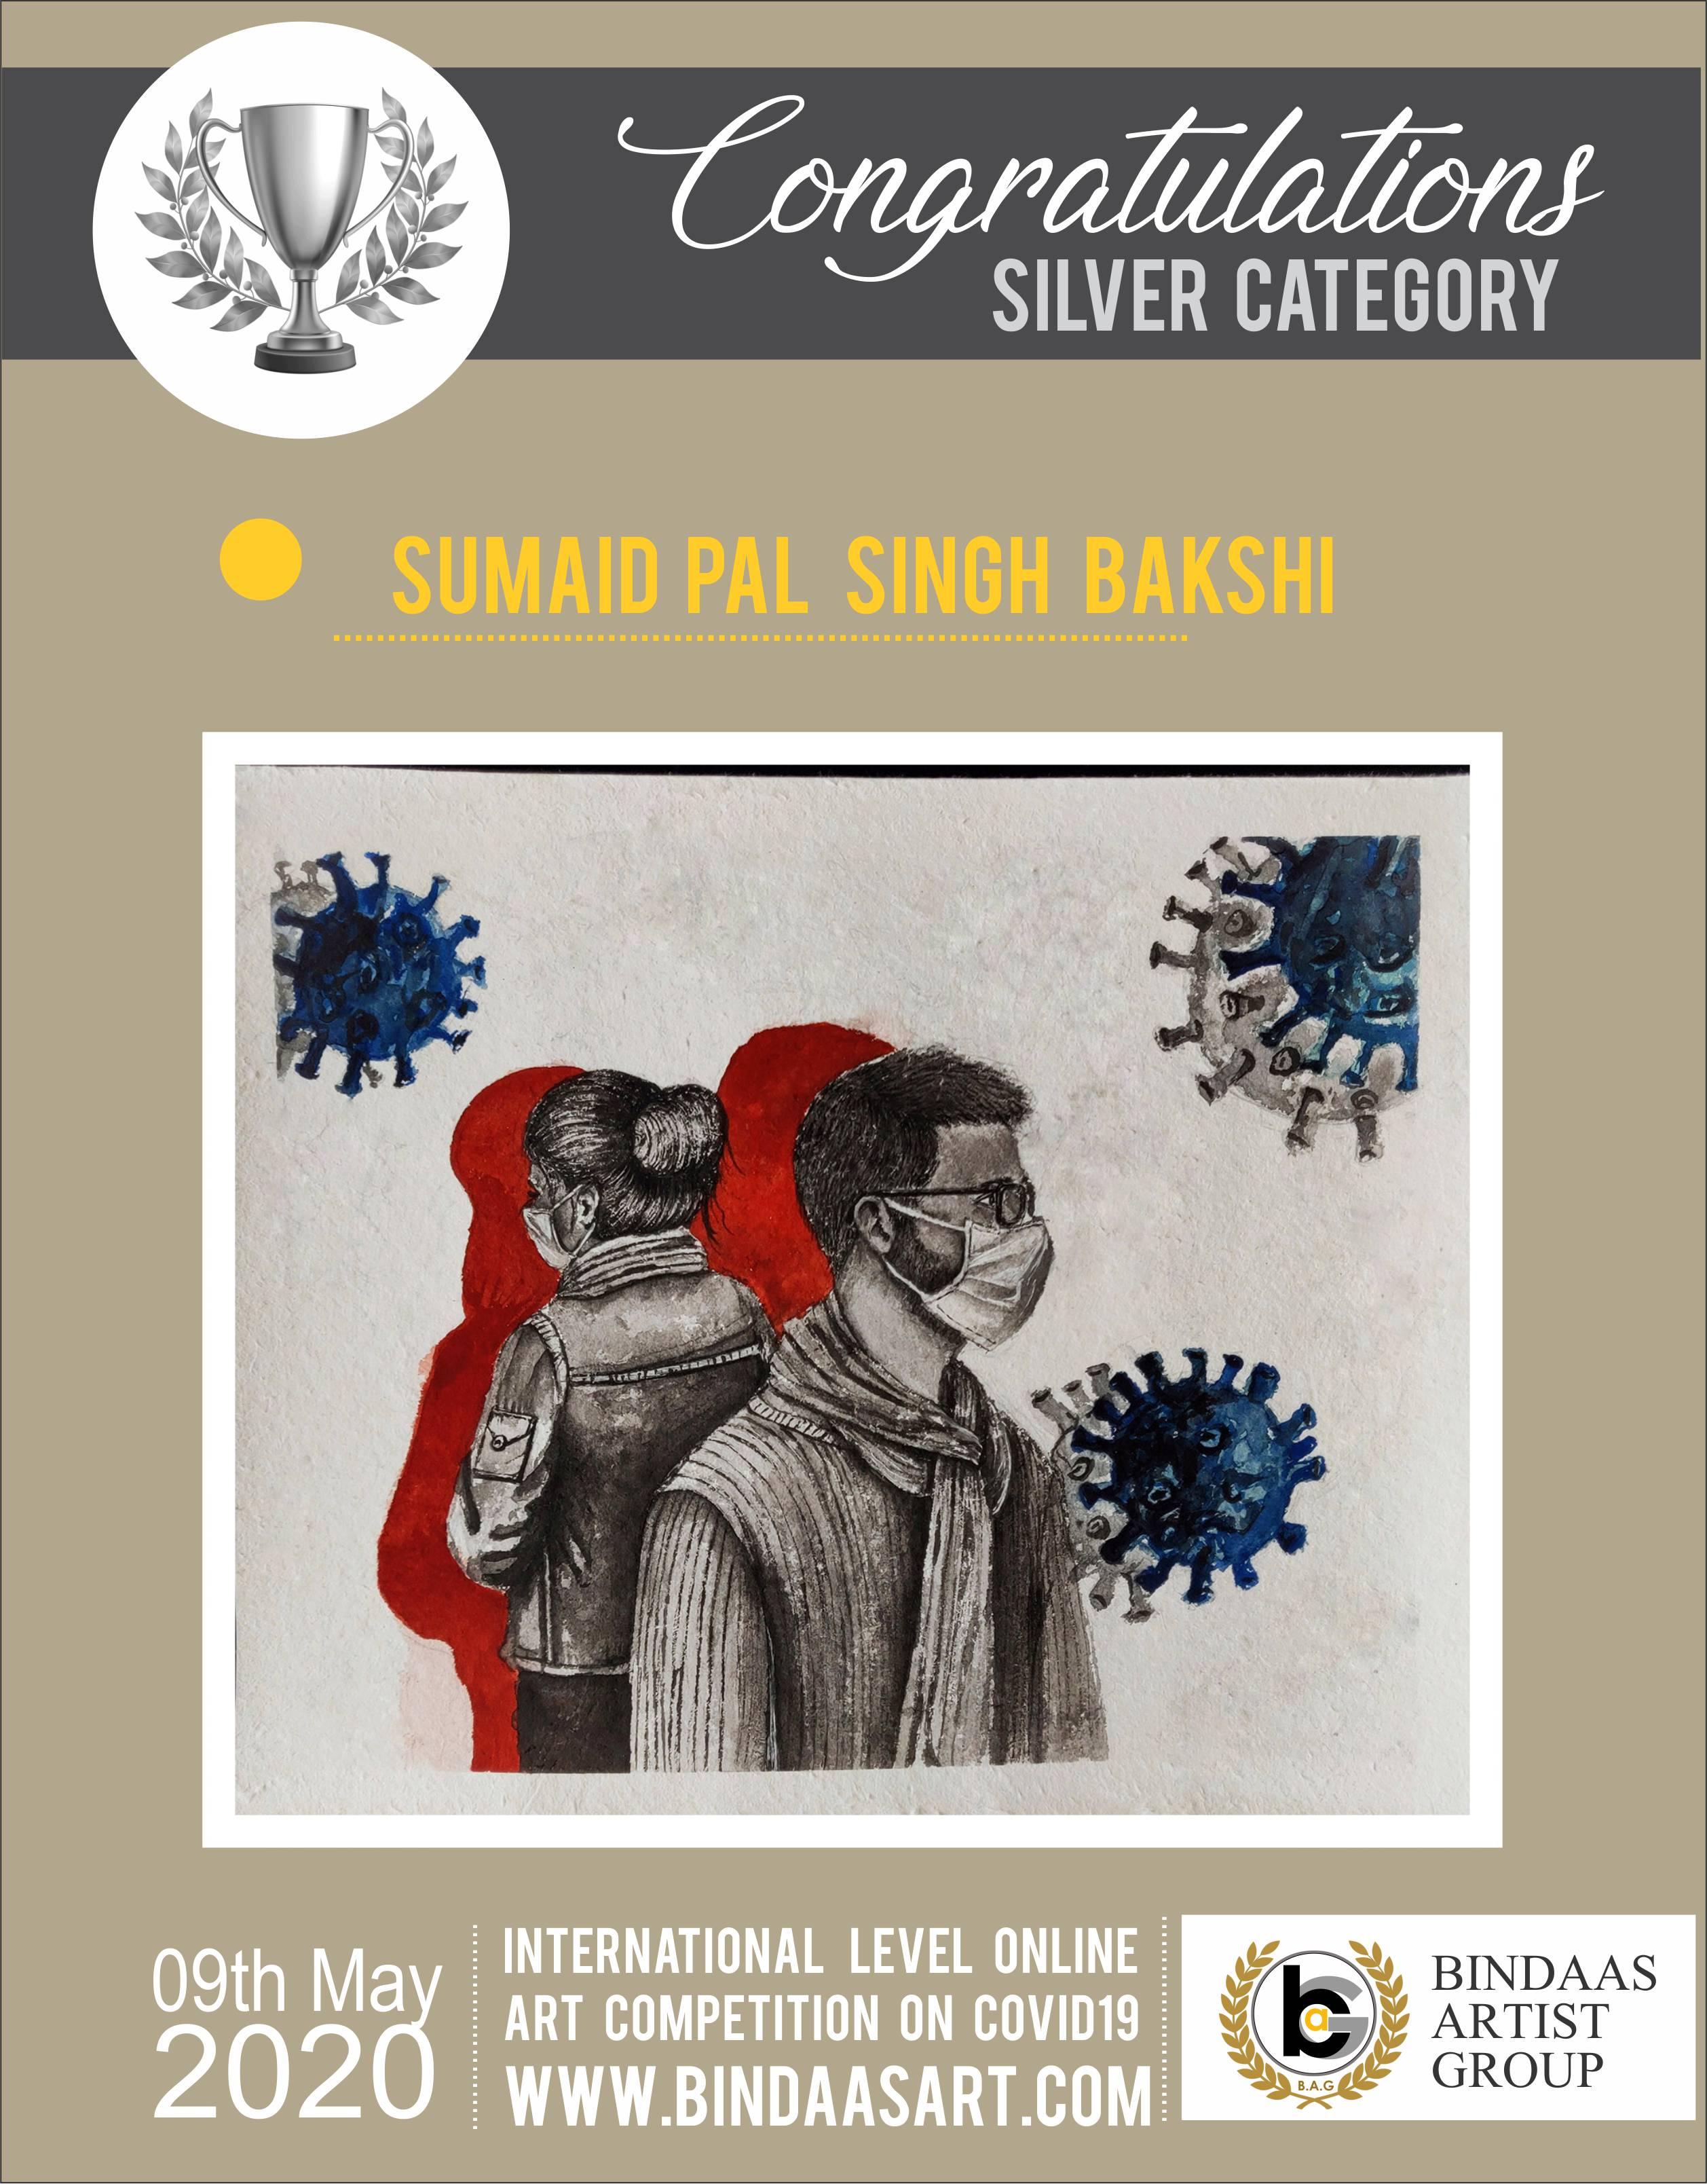 Sumaid pal Singh Bakshi